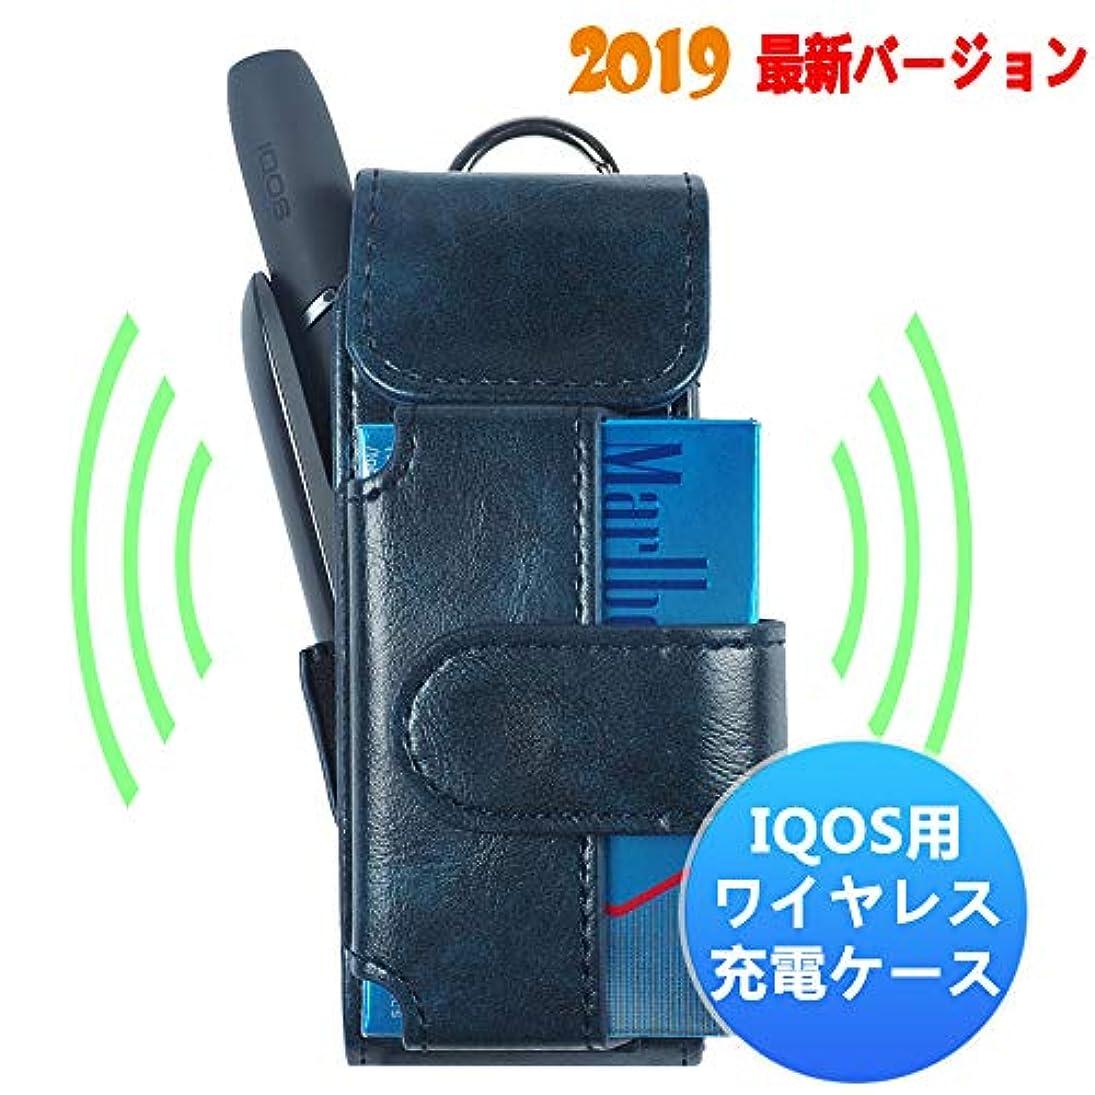 ビルマ激怒単にRunElves IQOS3 ケース アイコス3 ケース ワイヤレス充電 革 収納 マグネット式 4色利用可能-ブルー